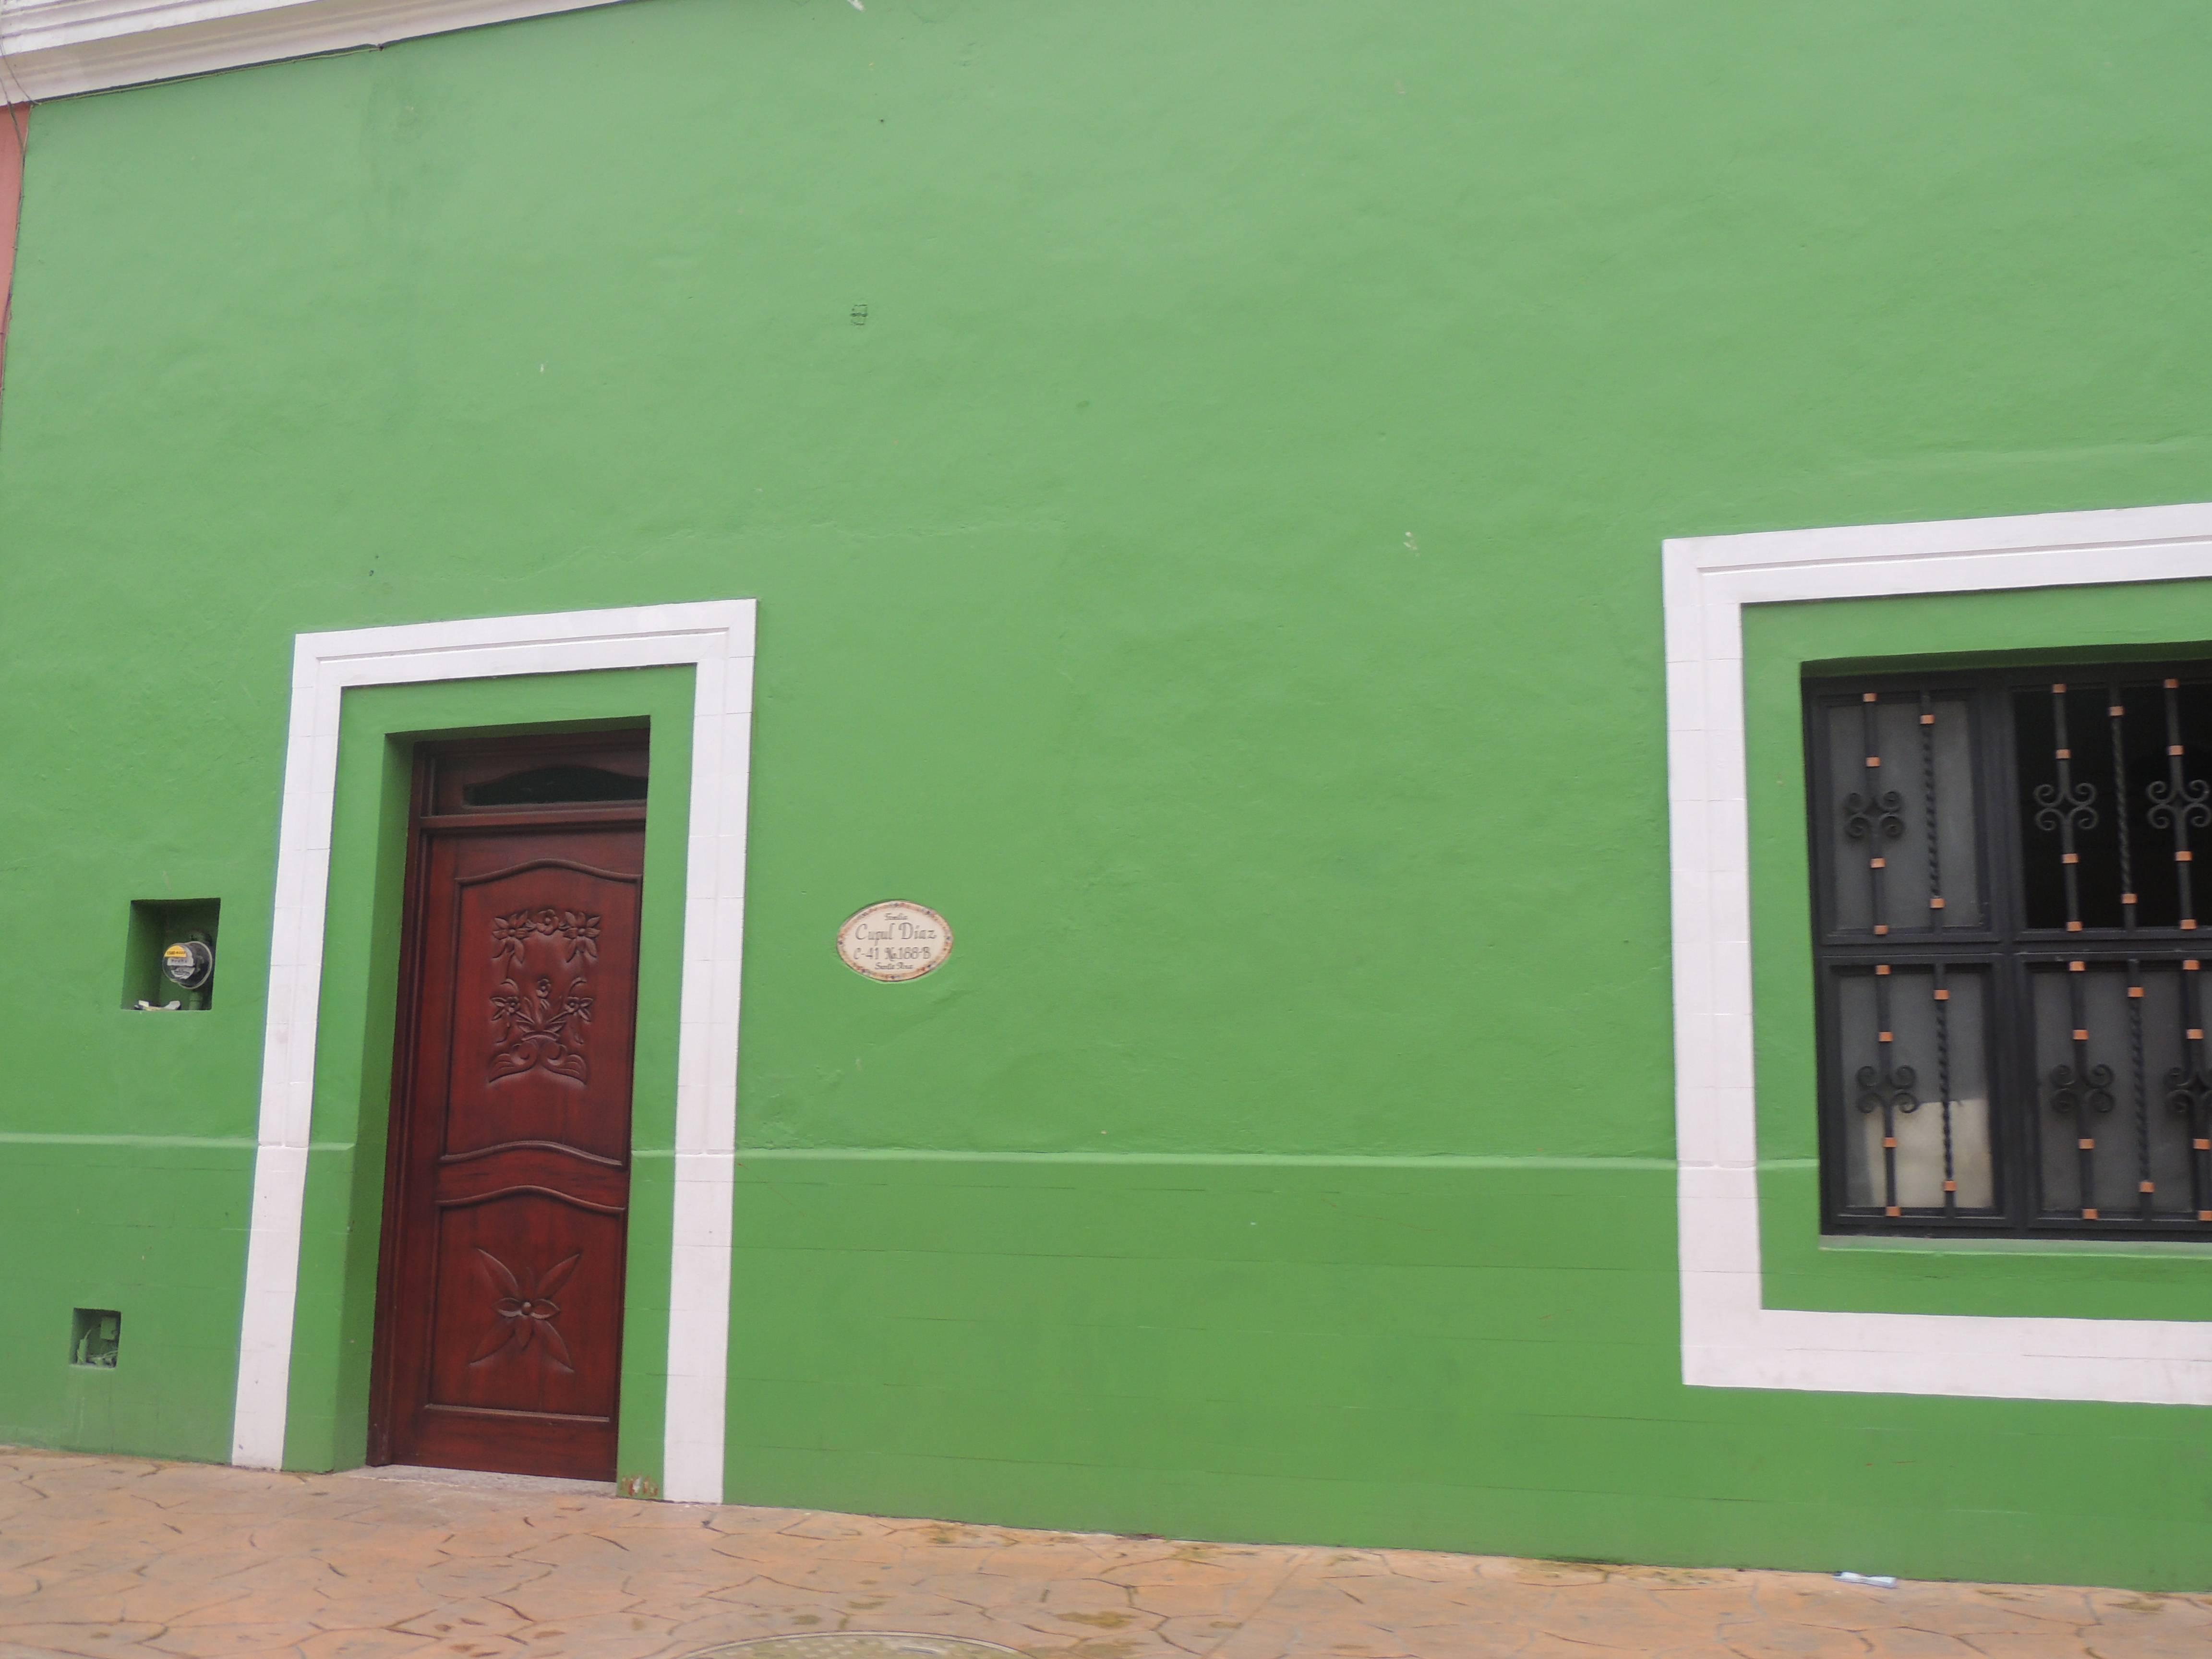 Photo 2: Hôtel casa marlène : une adresse charmante et un petit déjeuner yucatan inclus à tomber par terre